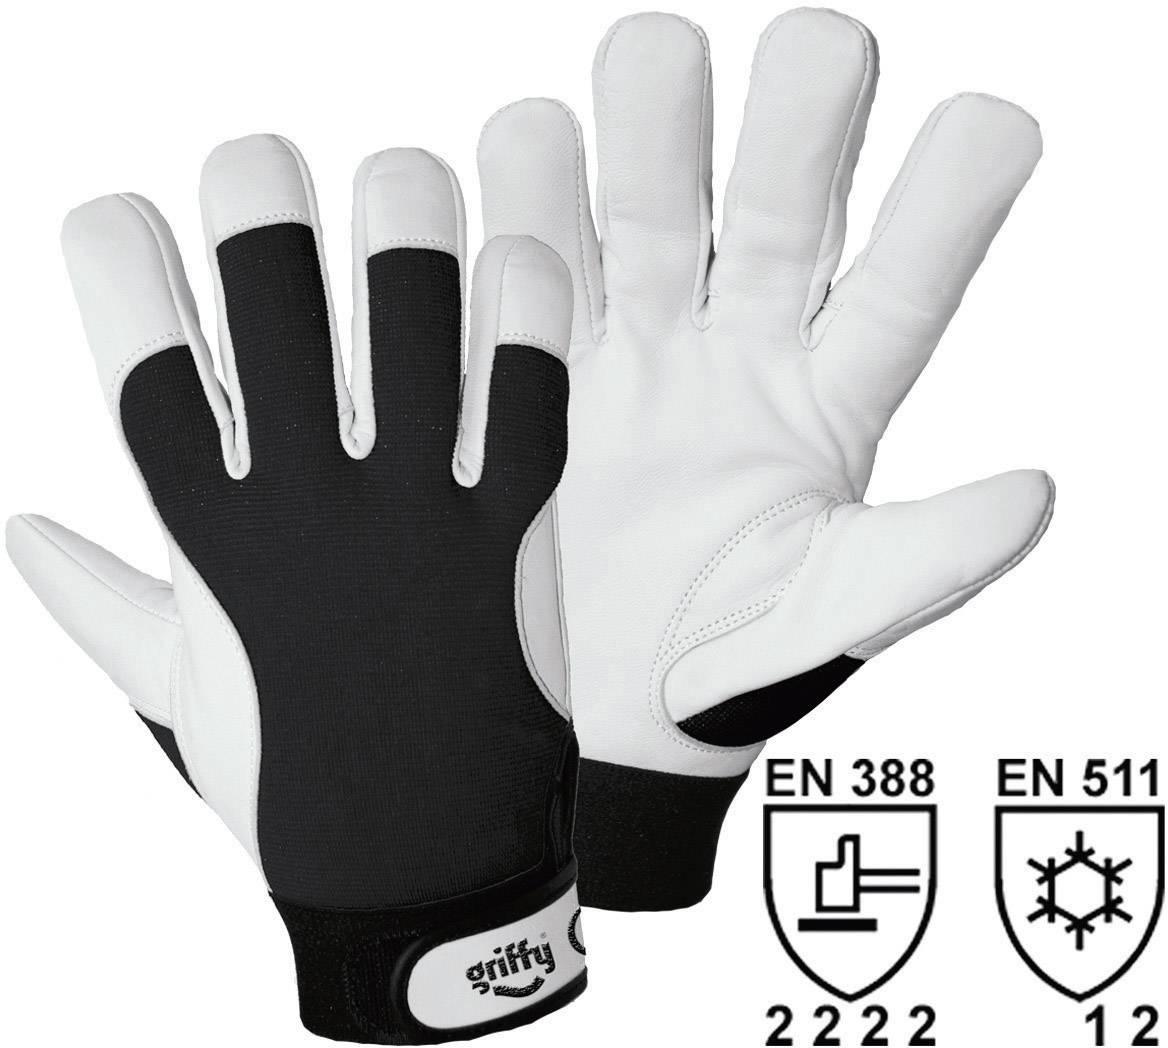 Montážní rukavice Griffy 1707, velikost rukavic: 10, XL